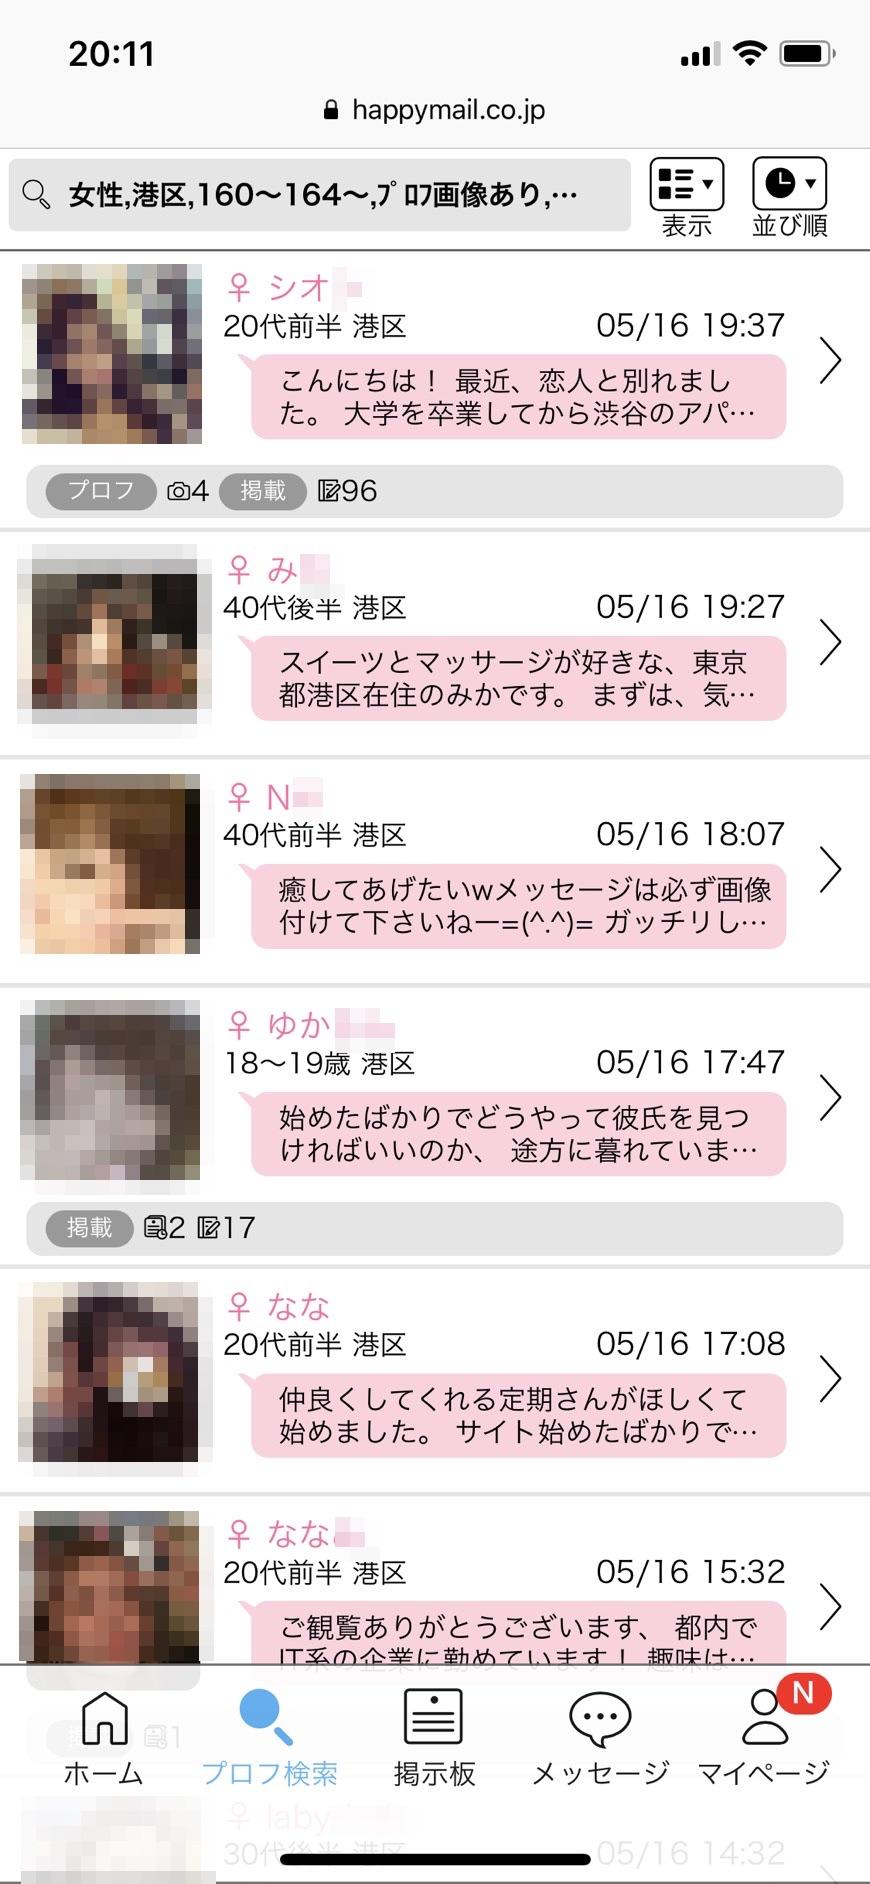 赤坂・出会い希望(ハッピーメール)